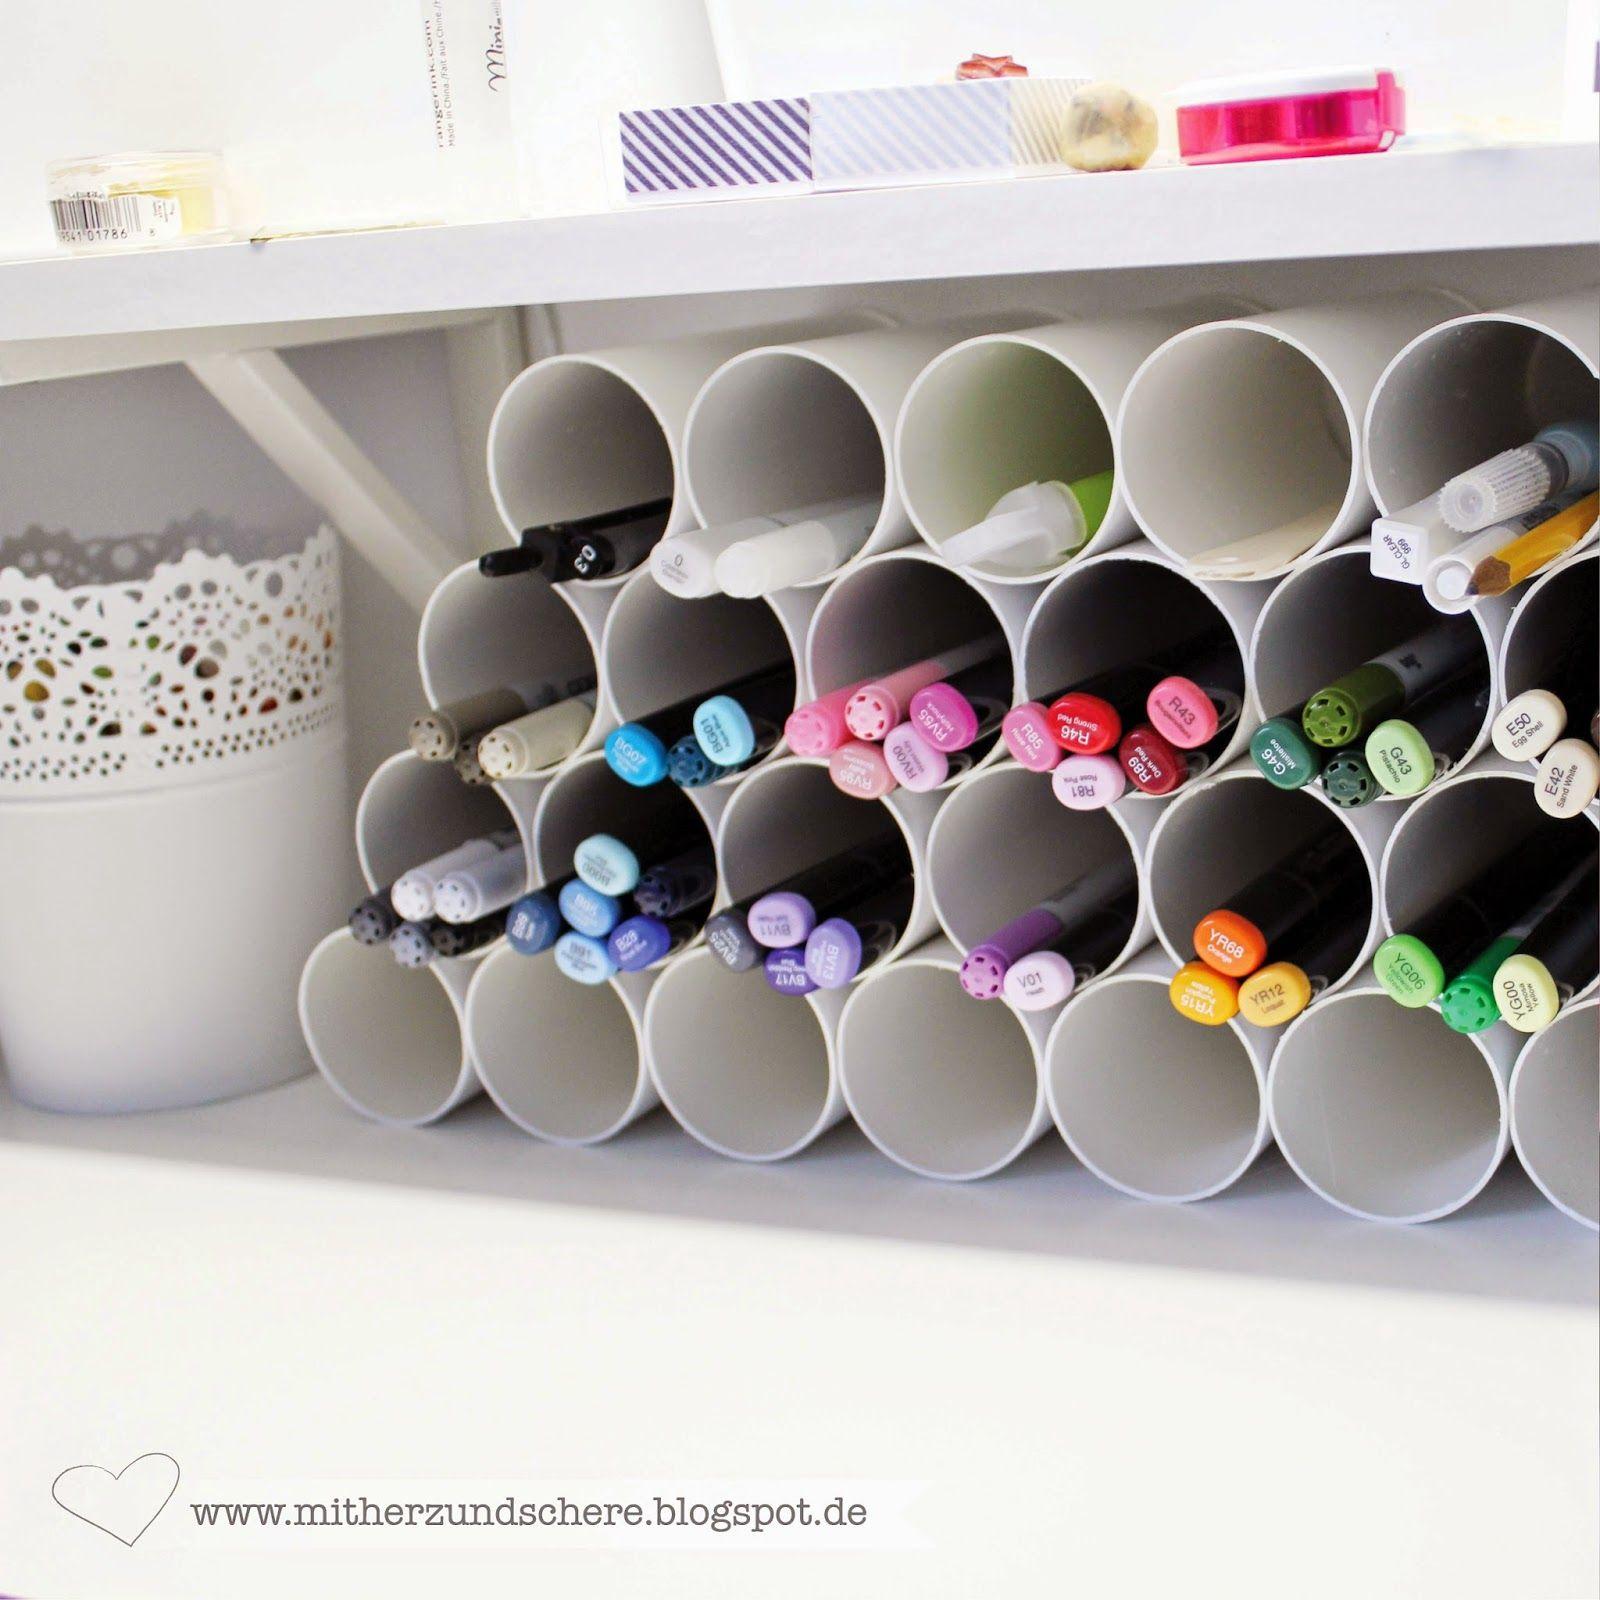 Die Besten Tipps Um Teppiche Sauber Zu Halten: Die Besten 25+ Aufbewahrung Stifte Ideen Auf Pinterest